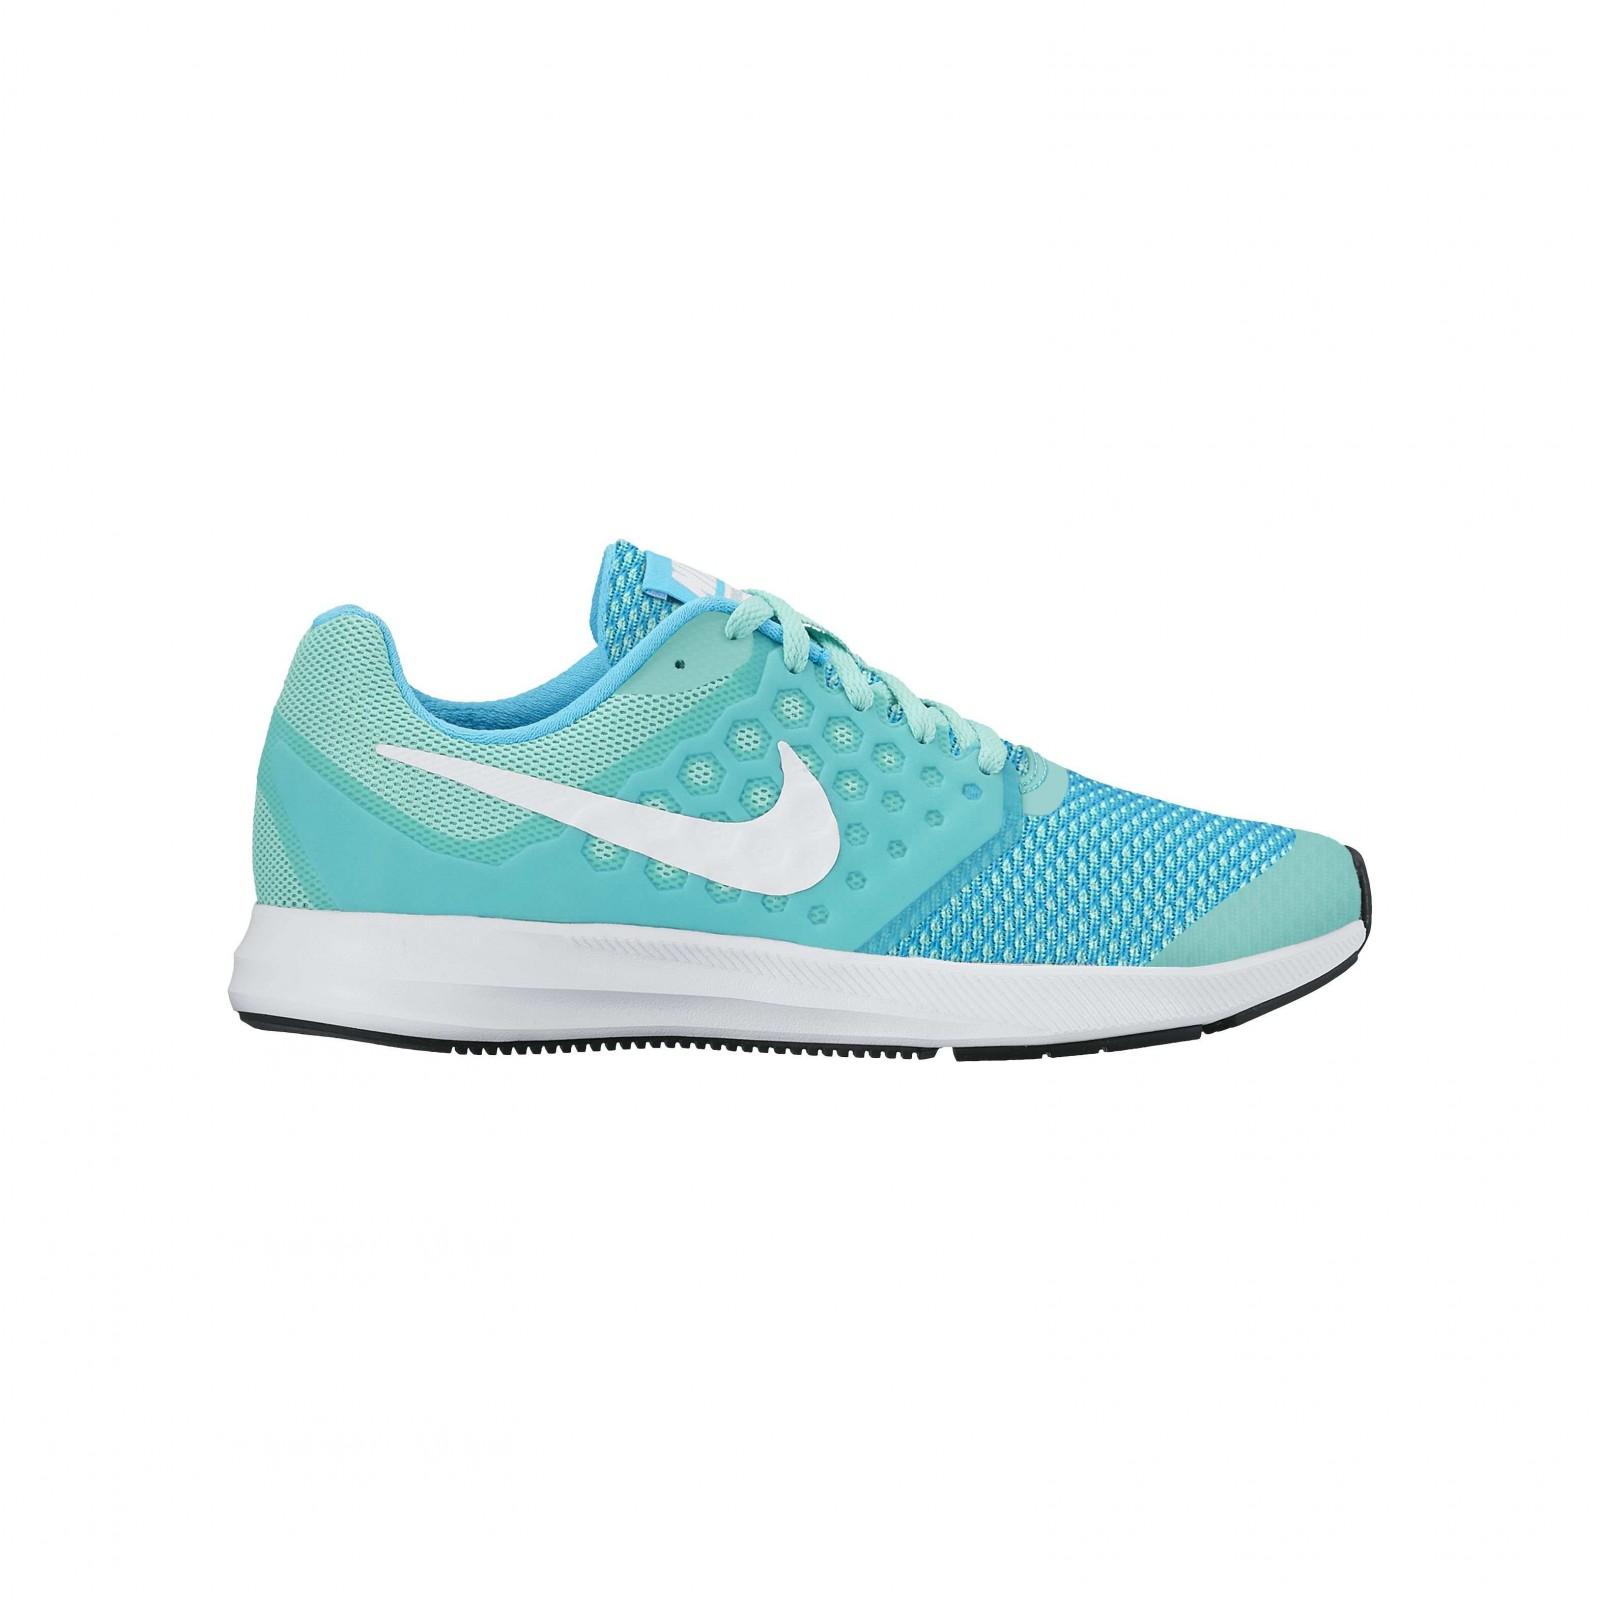 Dětské běžecké boty Nike DOWNSHIFTER 7 (GS)  6aab8db7b4